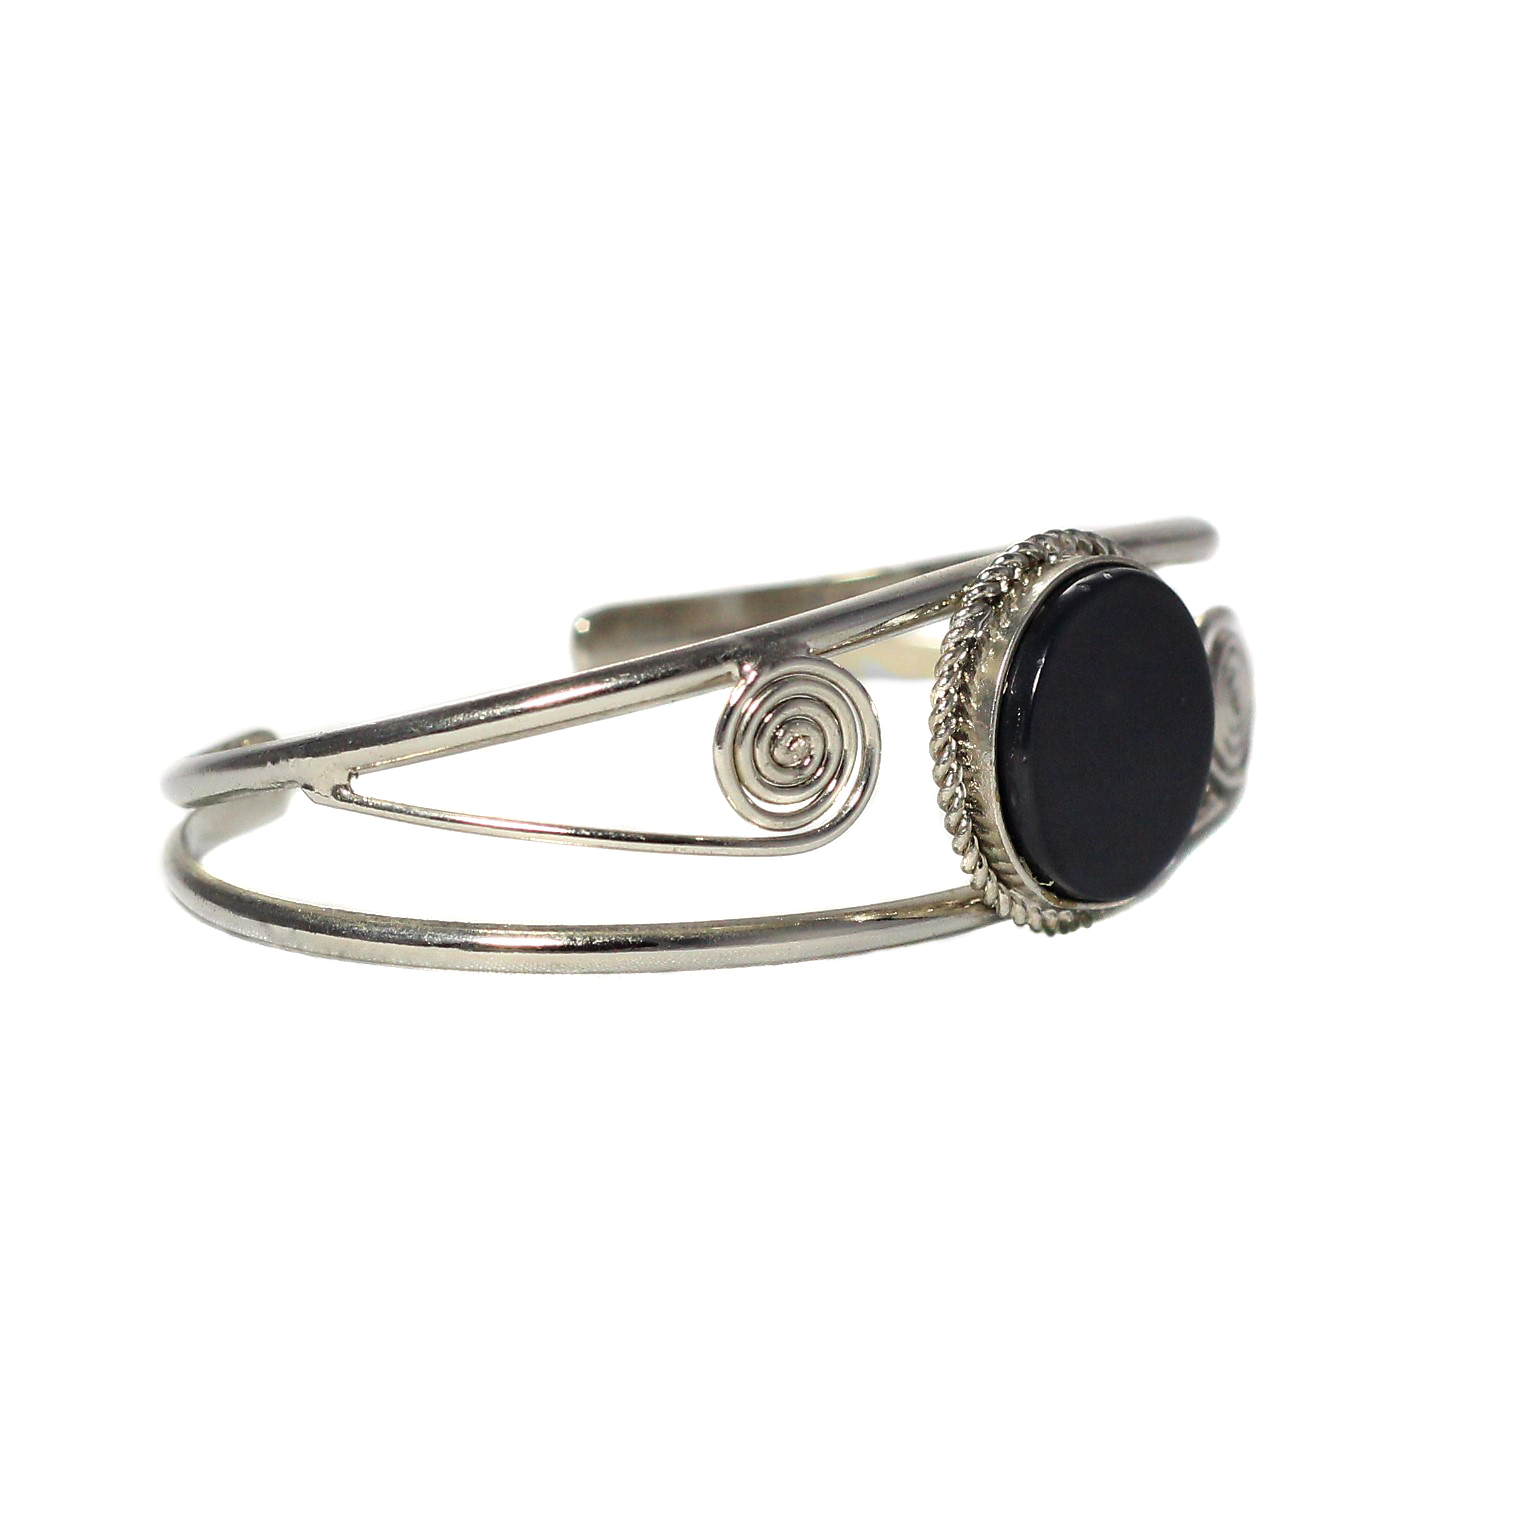 Inka-Products-Bracelet en Métal Argenté QILLA-Pierre Semi-précieuse Onyx-2